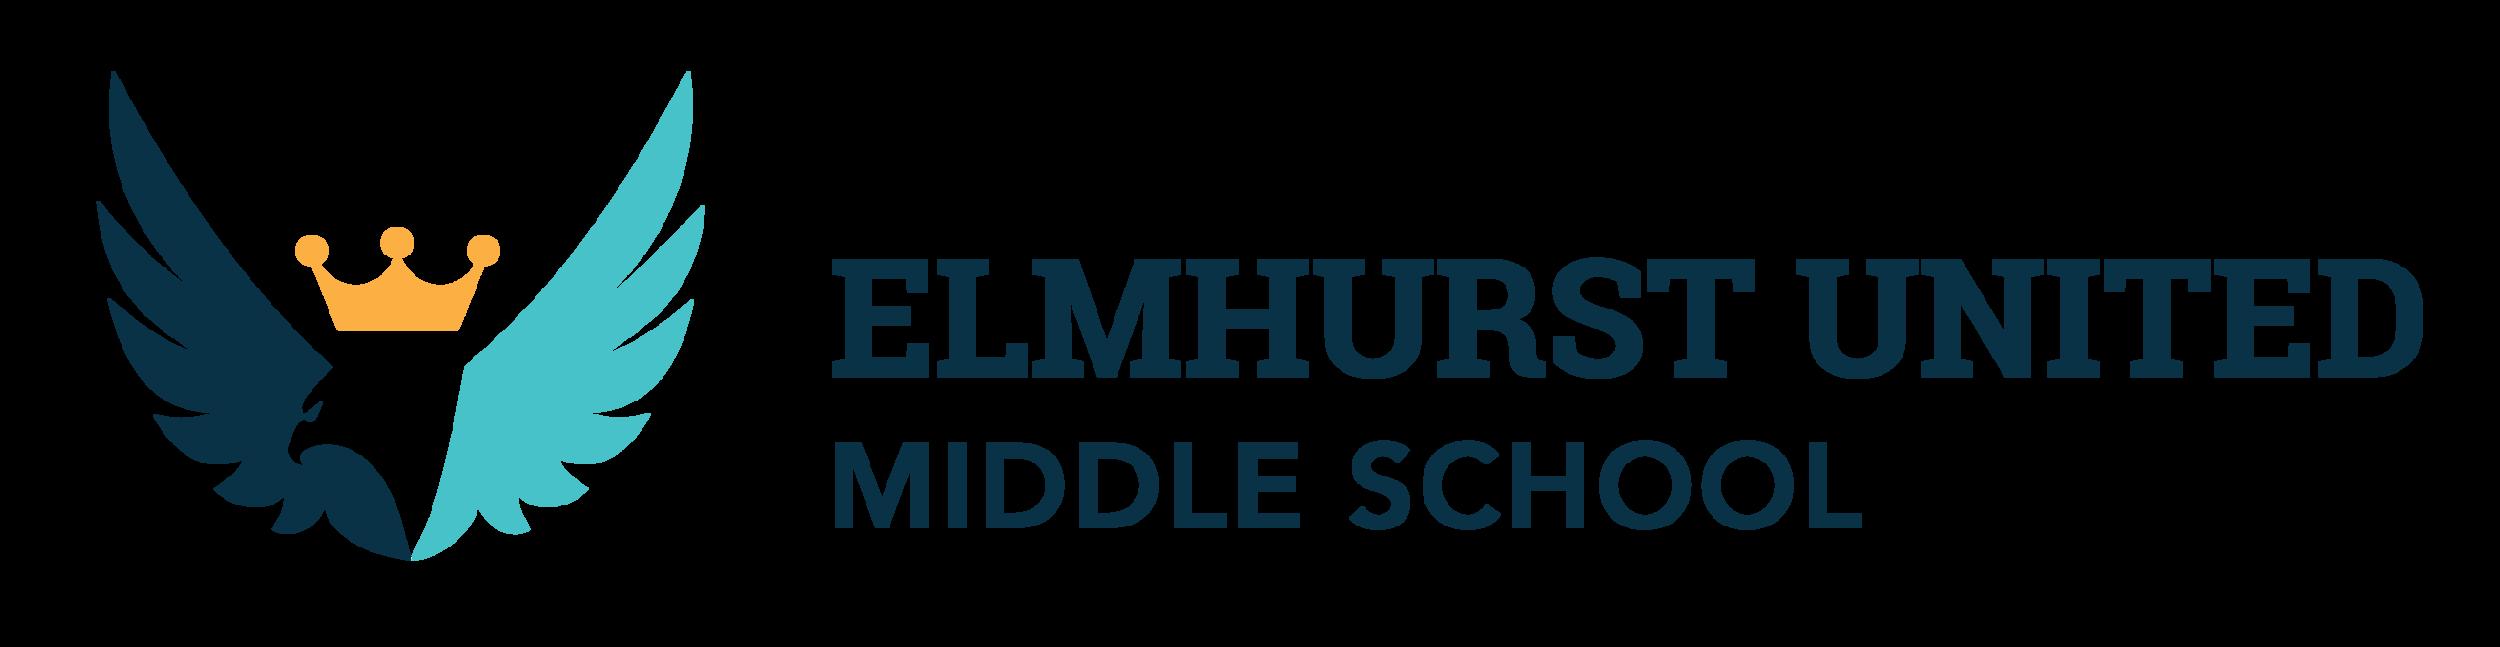 Elmhurst_United_logo_color_left.png